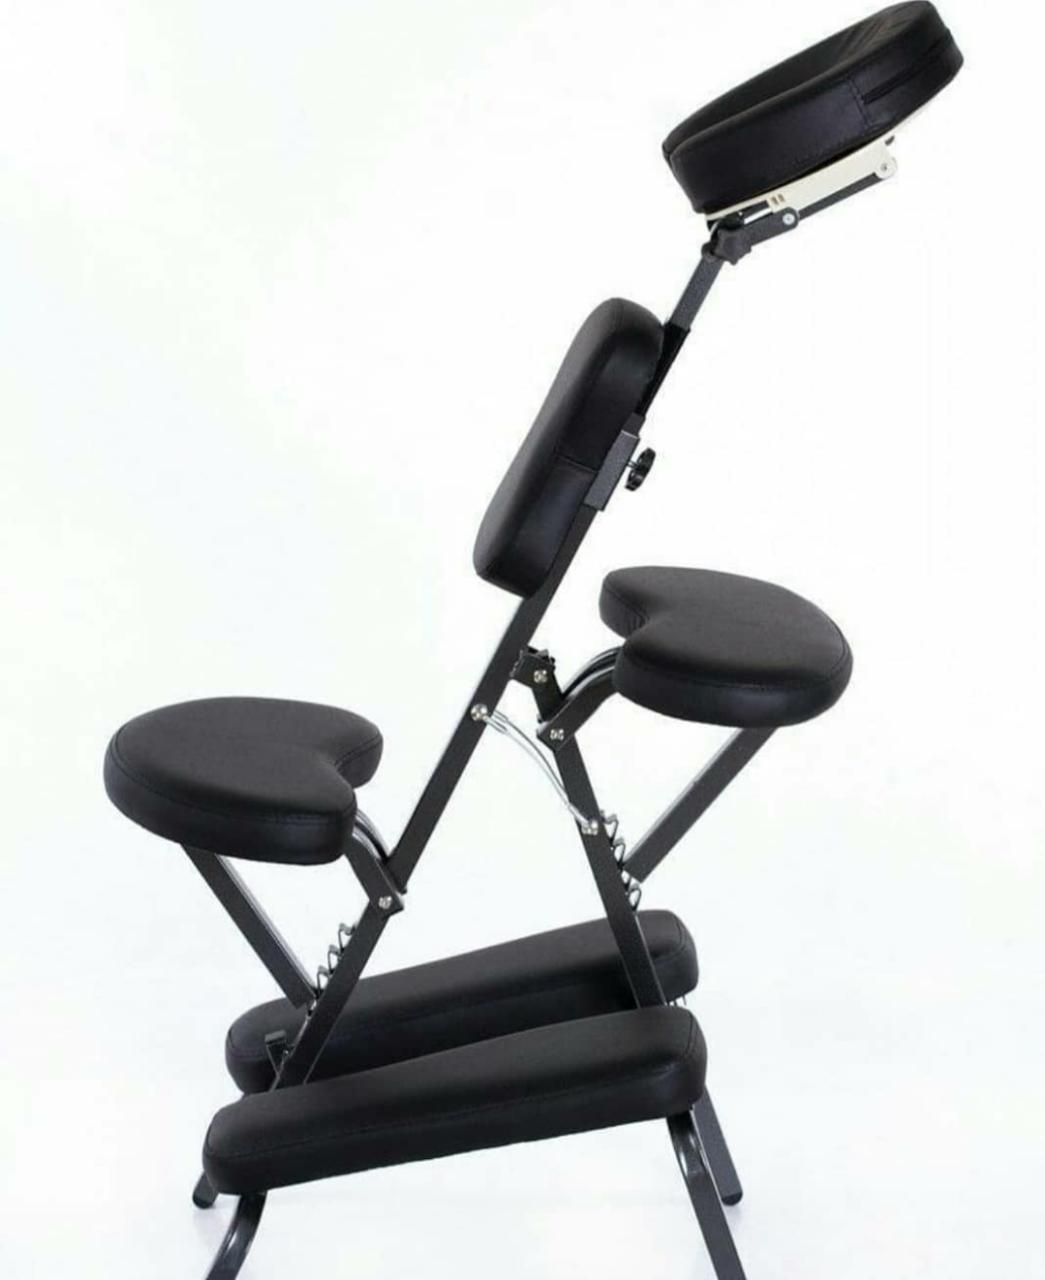 Black кресло для массажа и татуировок